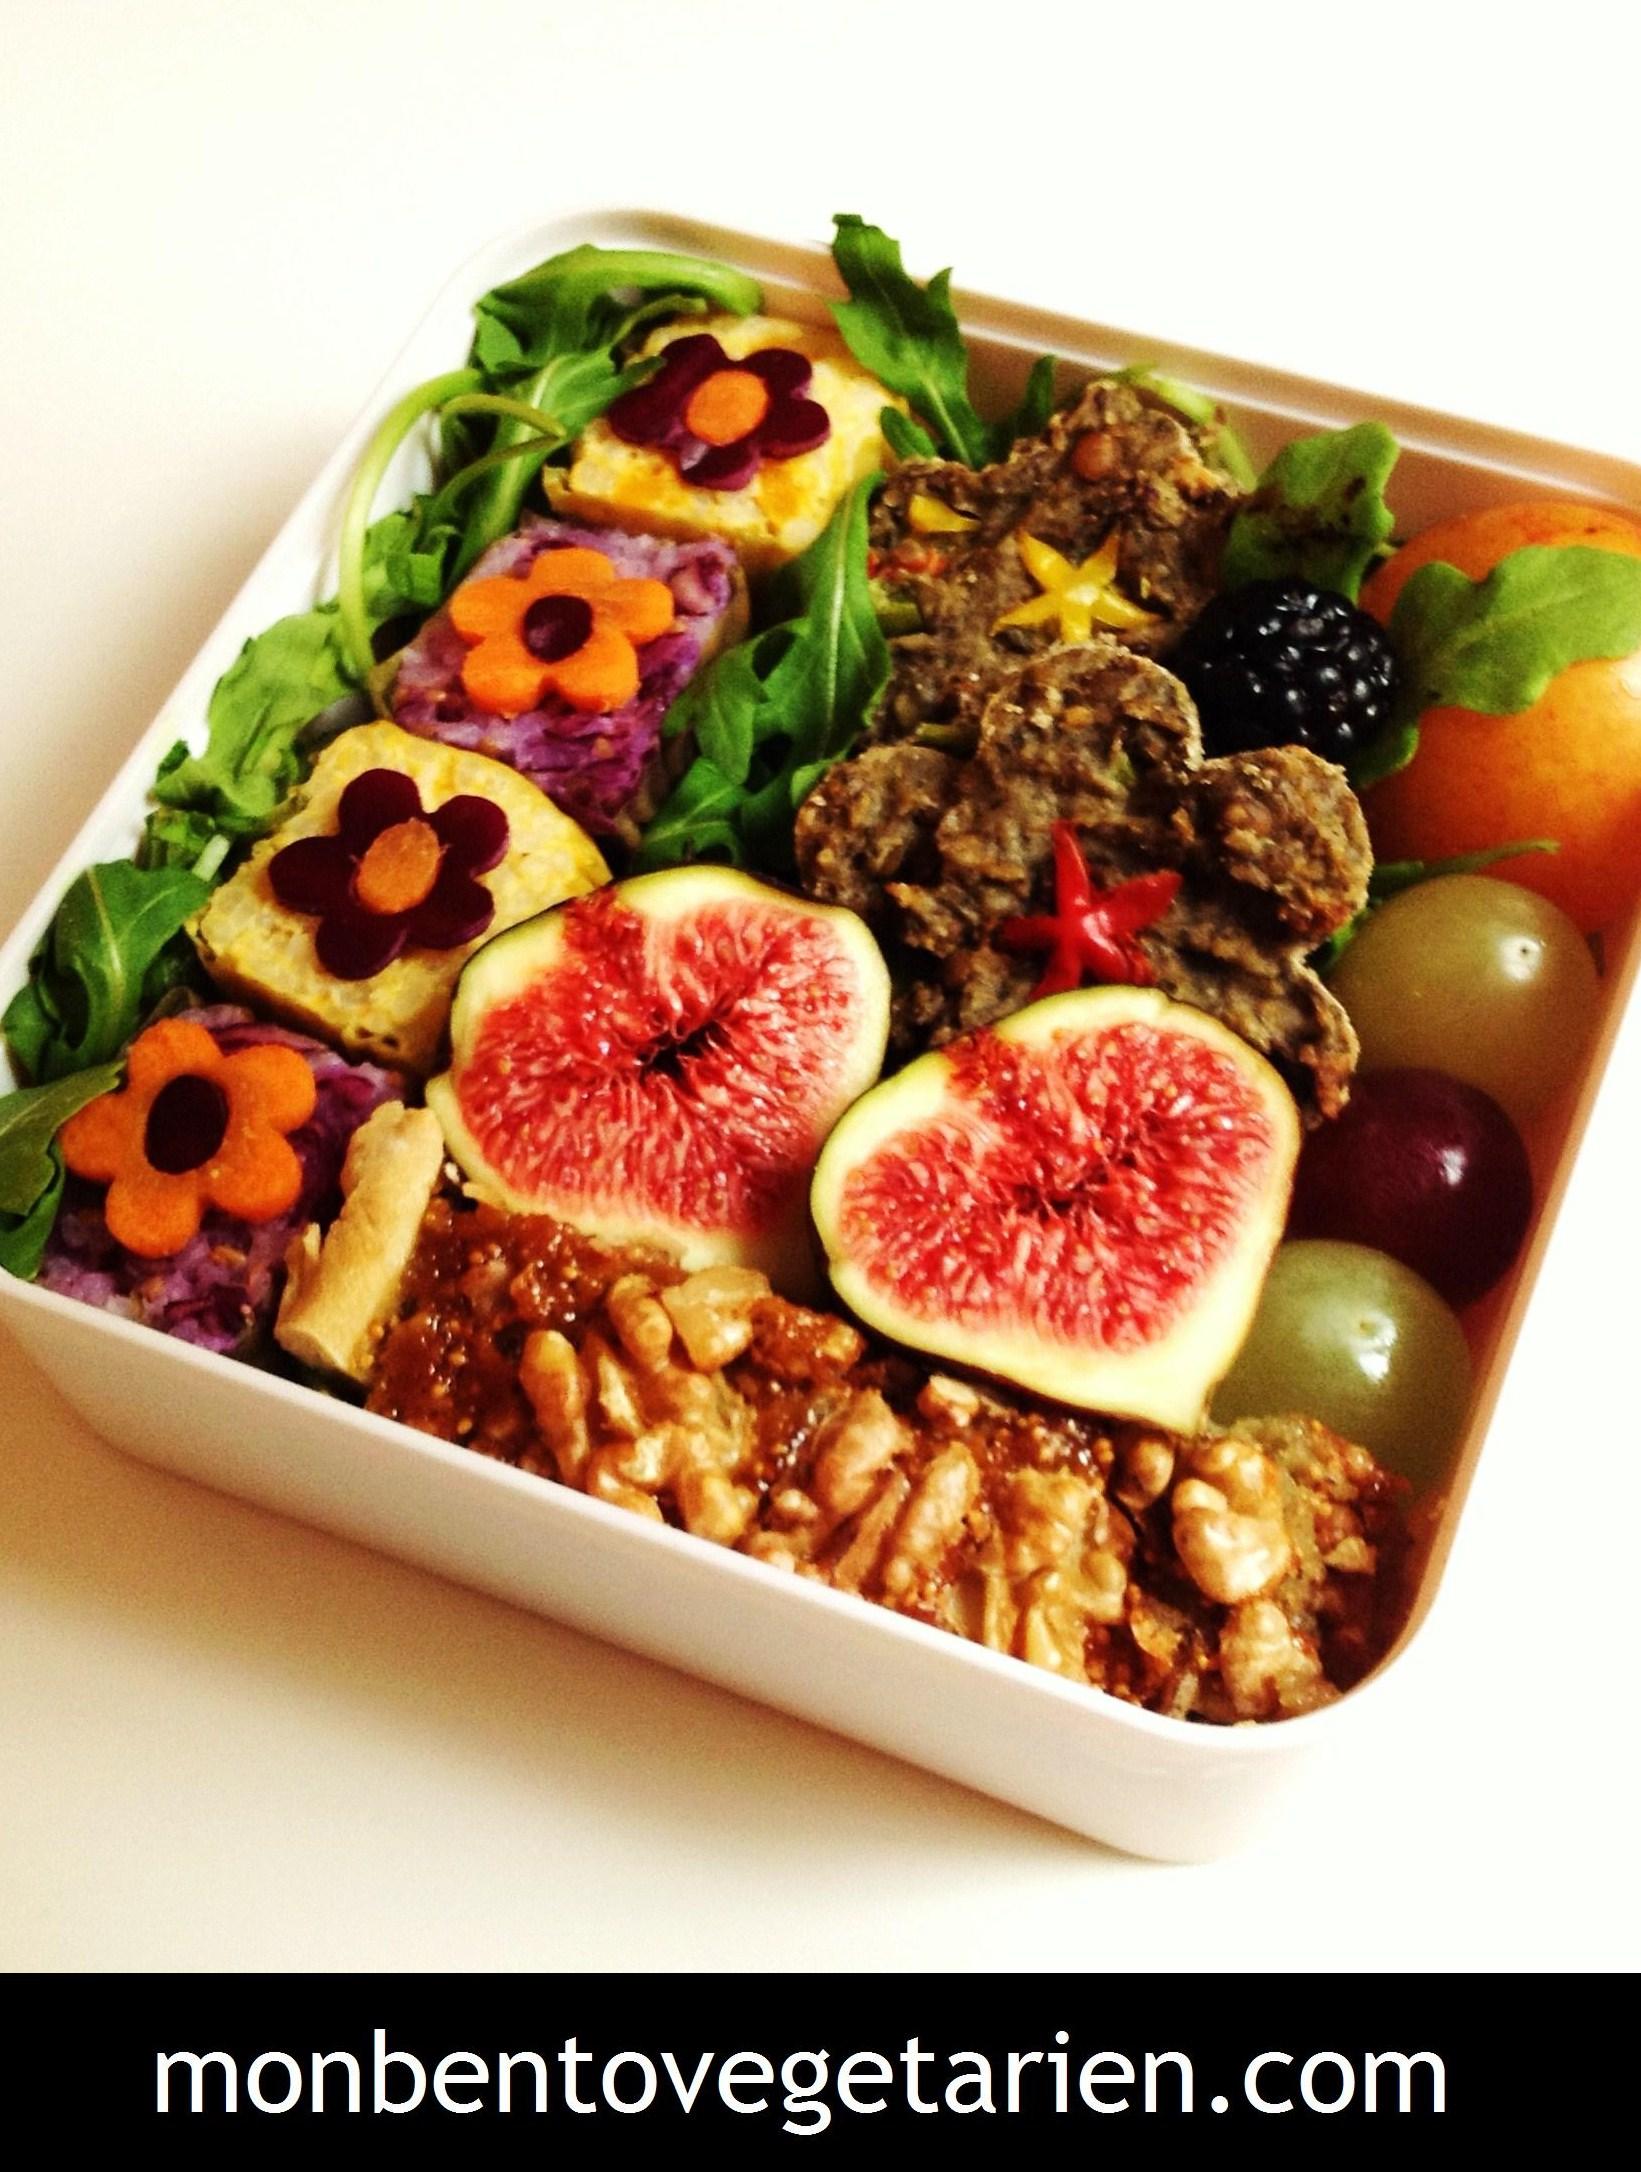 Des Japonais Dans Ma Cuisine Mon Bento Végétarien - Cuisine végétarienne blog